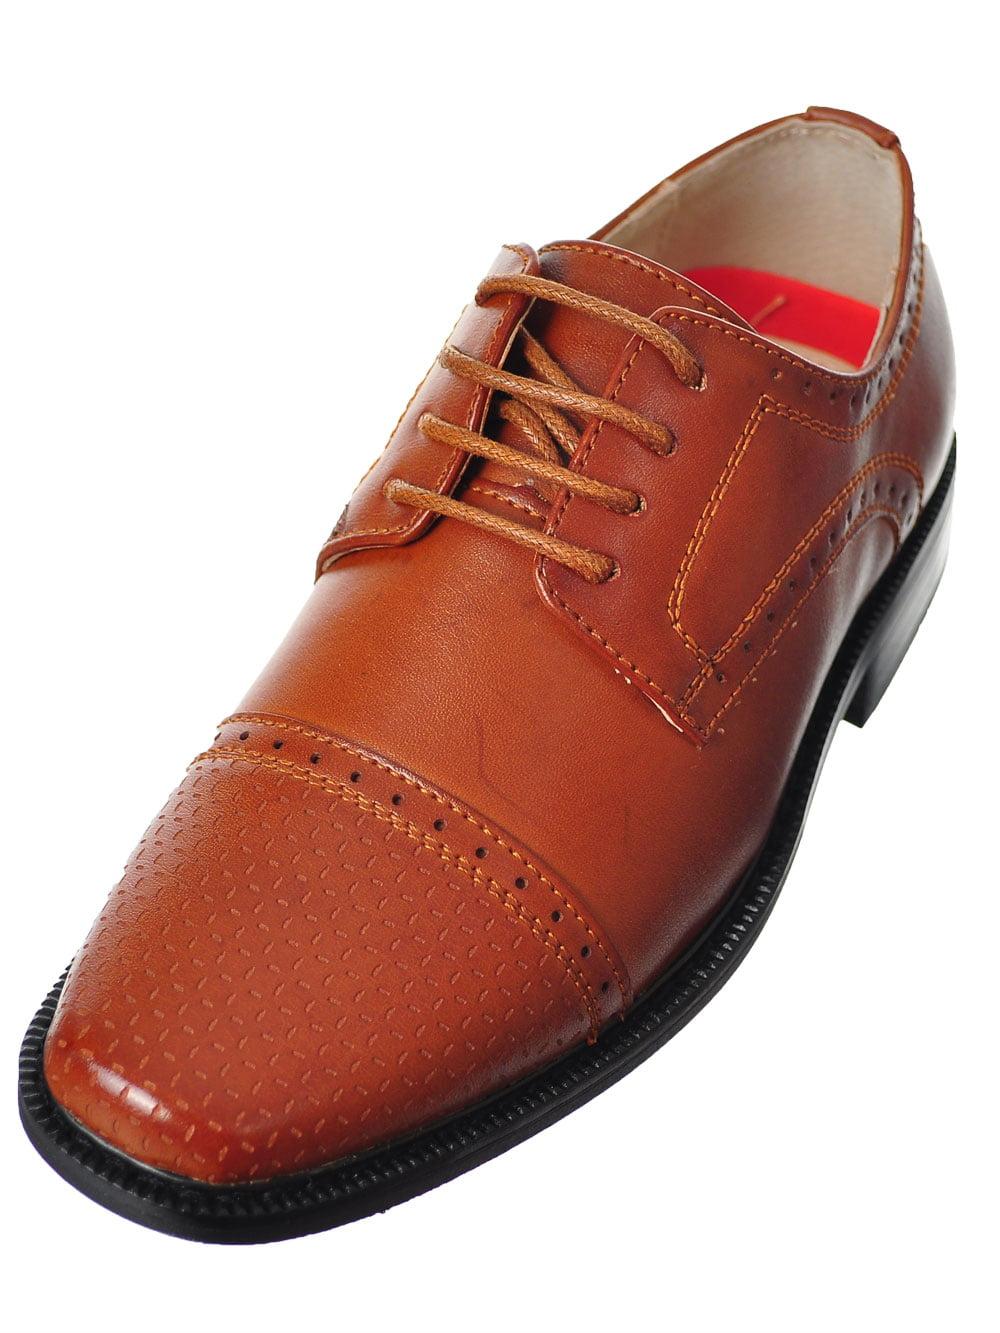 Joseph Allen Boys' Dress Shoes (Sizes 5 - 8)